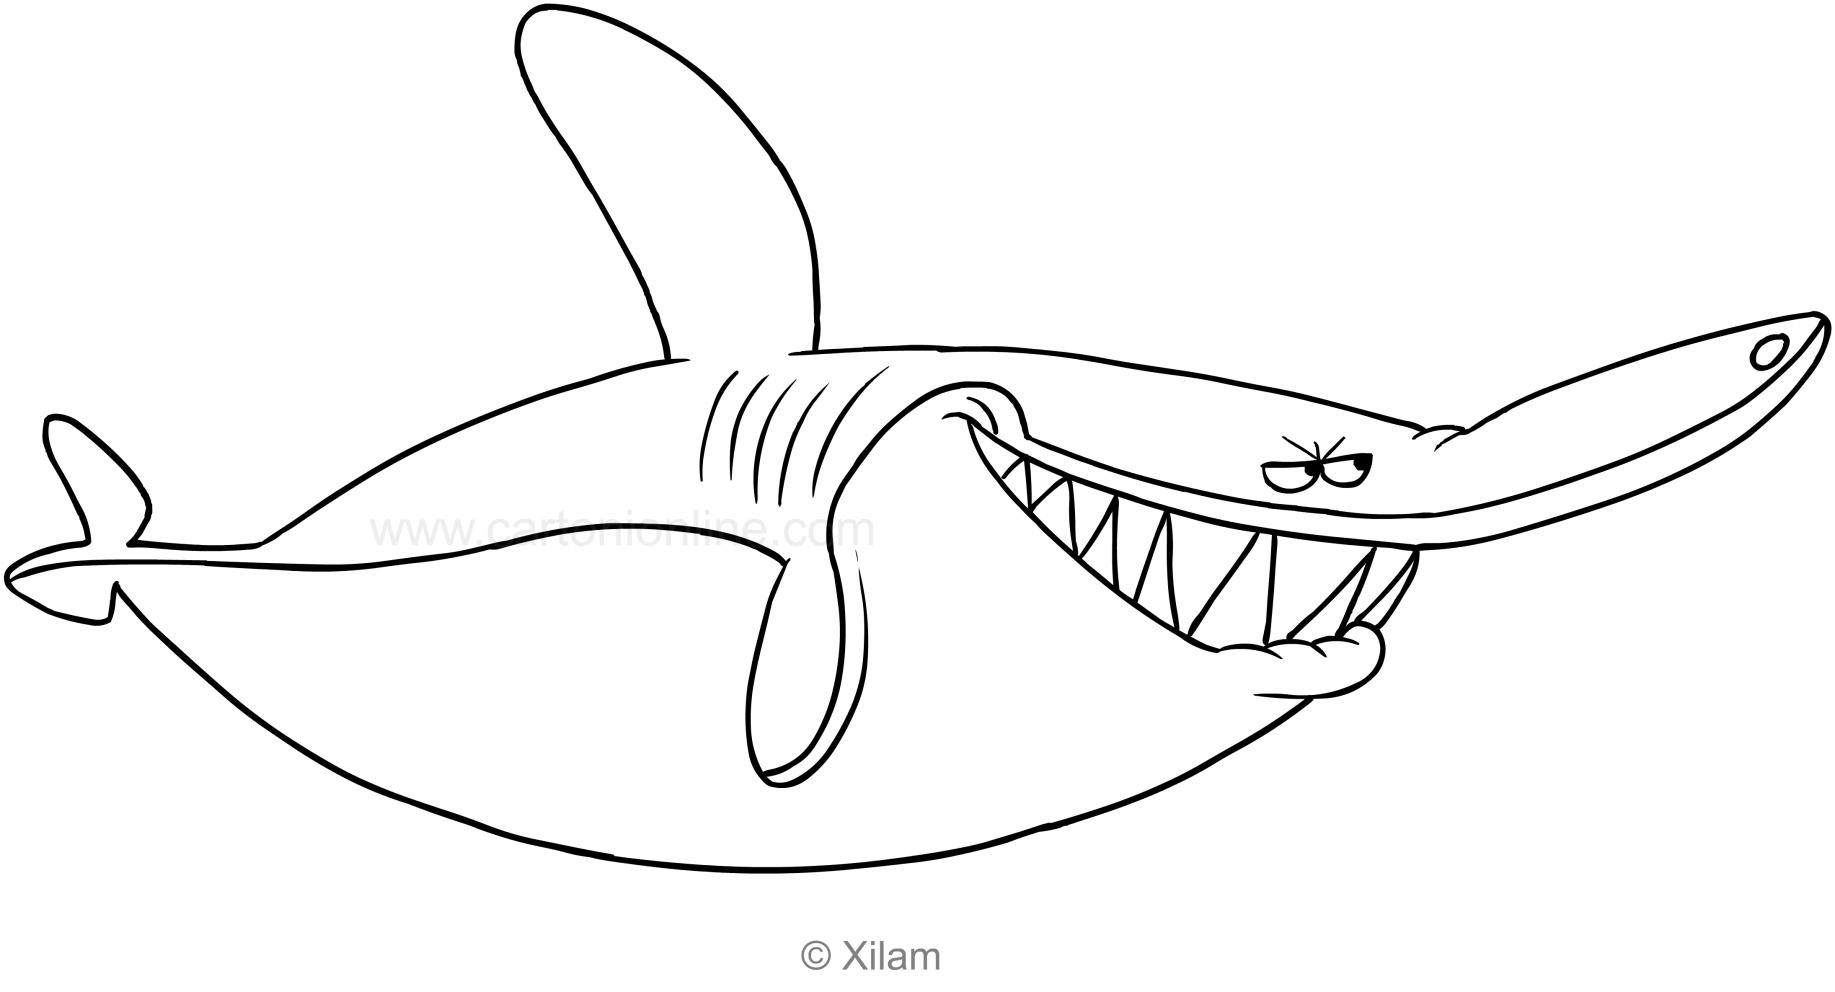 Coloriage De Sharko Le Requin tout Dessin De Requin À Imprimer